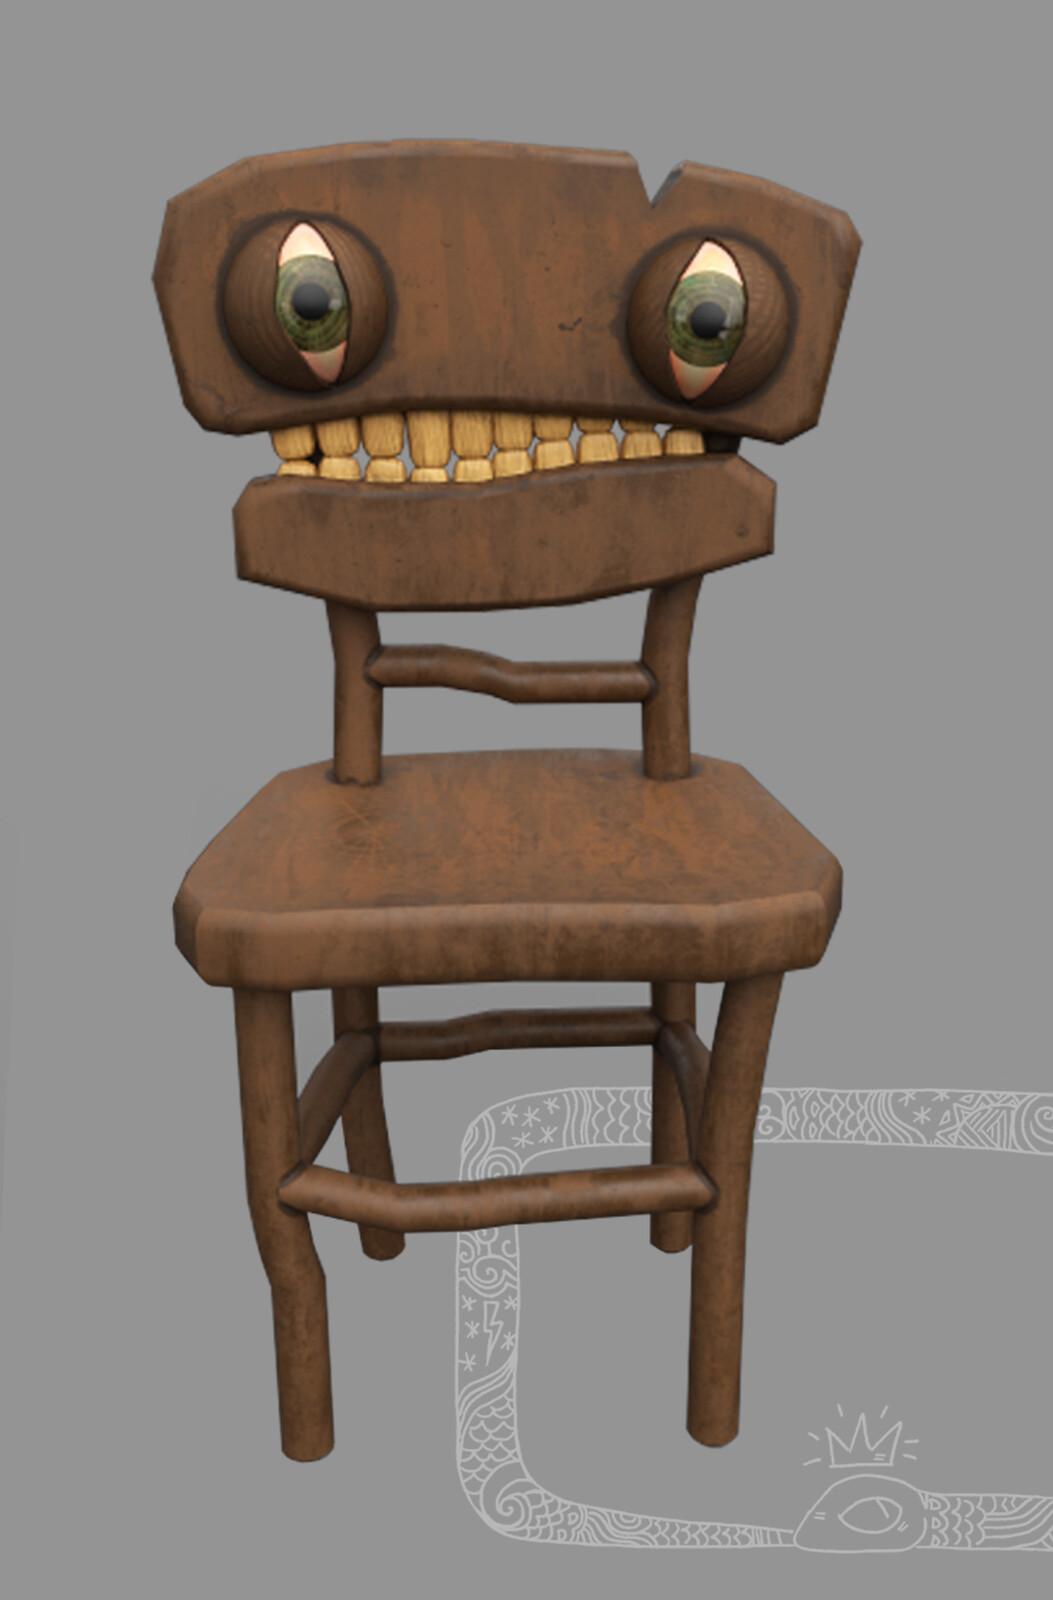 He has teeth